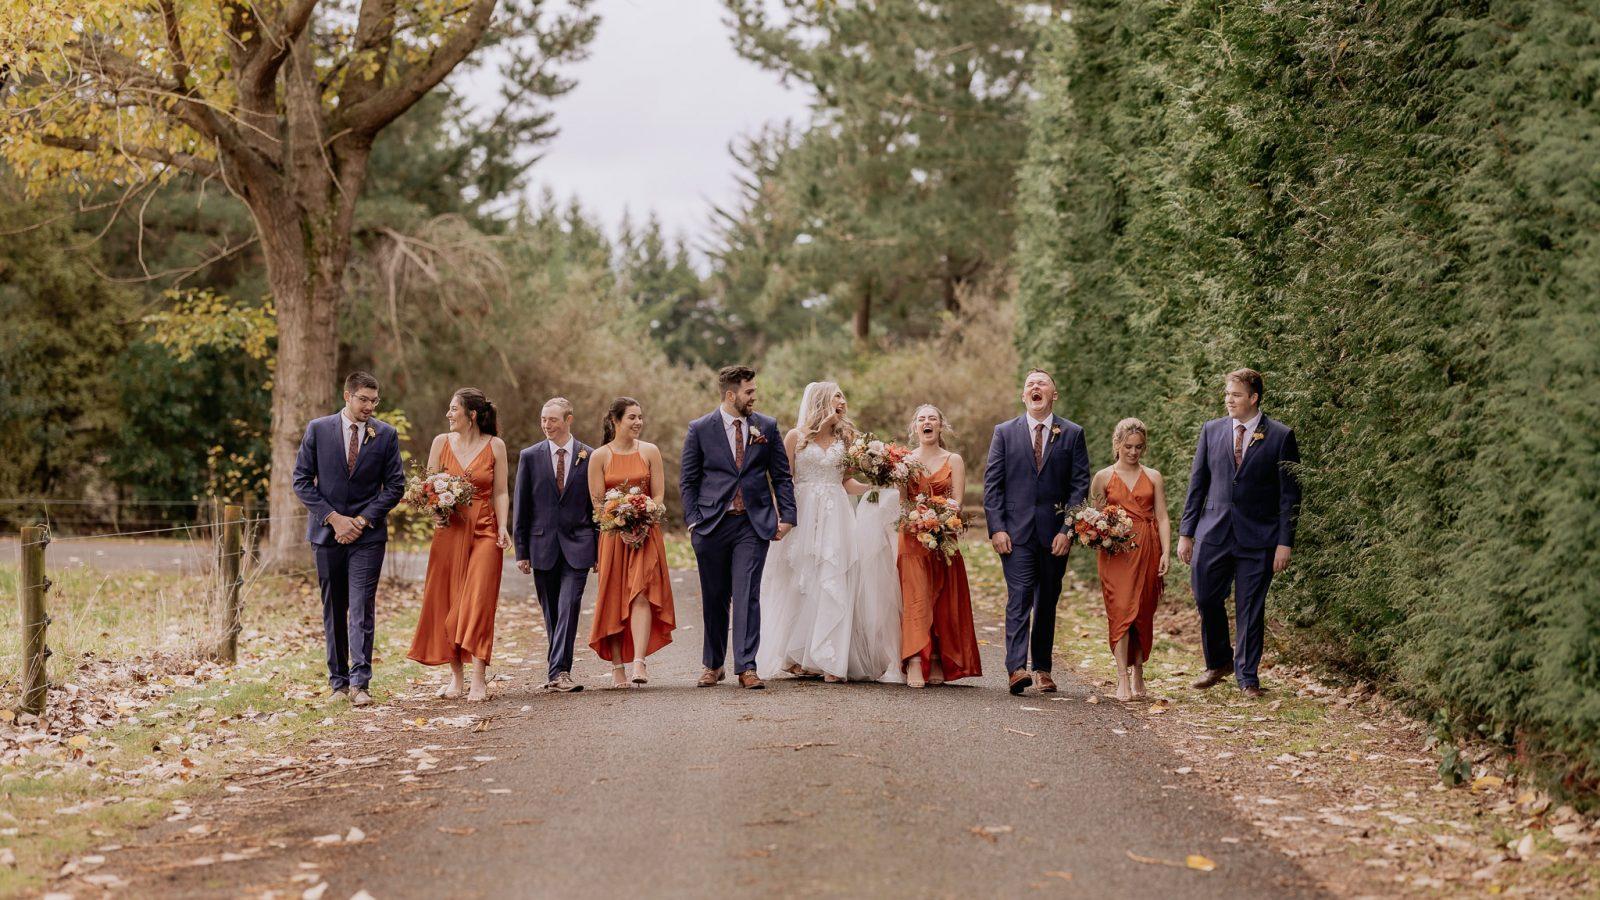 Makoura Lodge orange wedding party walking on driveway laughing